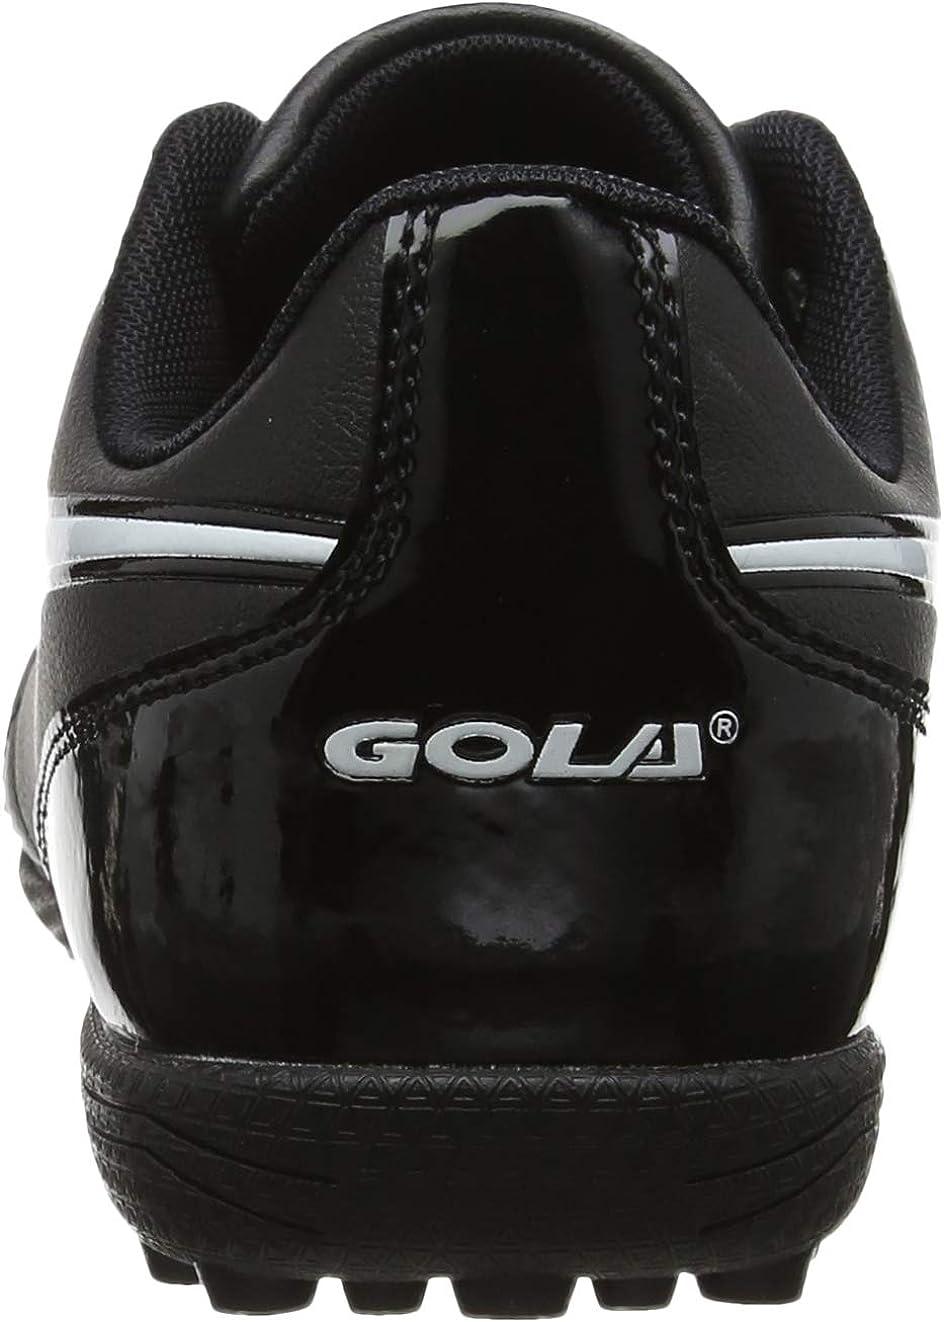 Gola Boys Aba666 Football Shoes